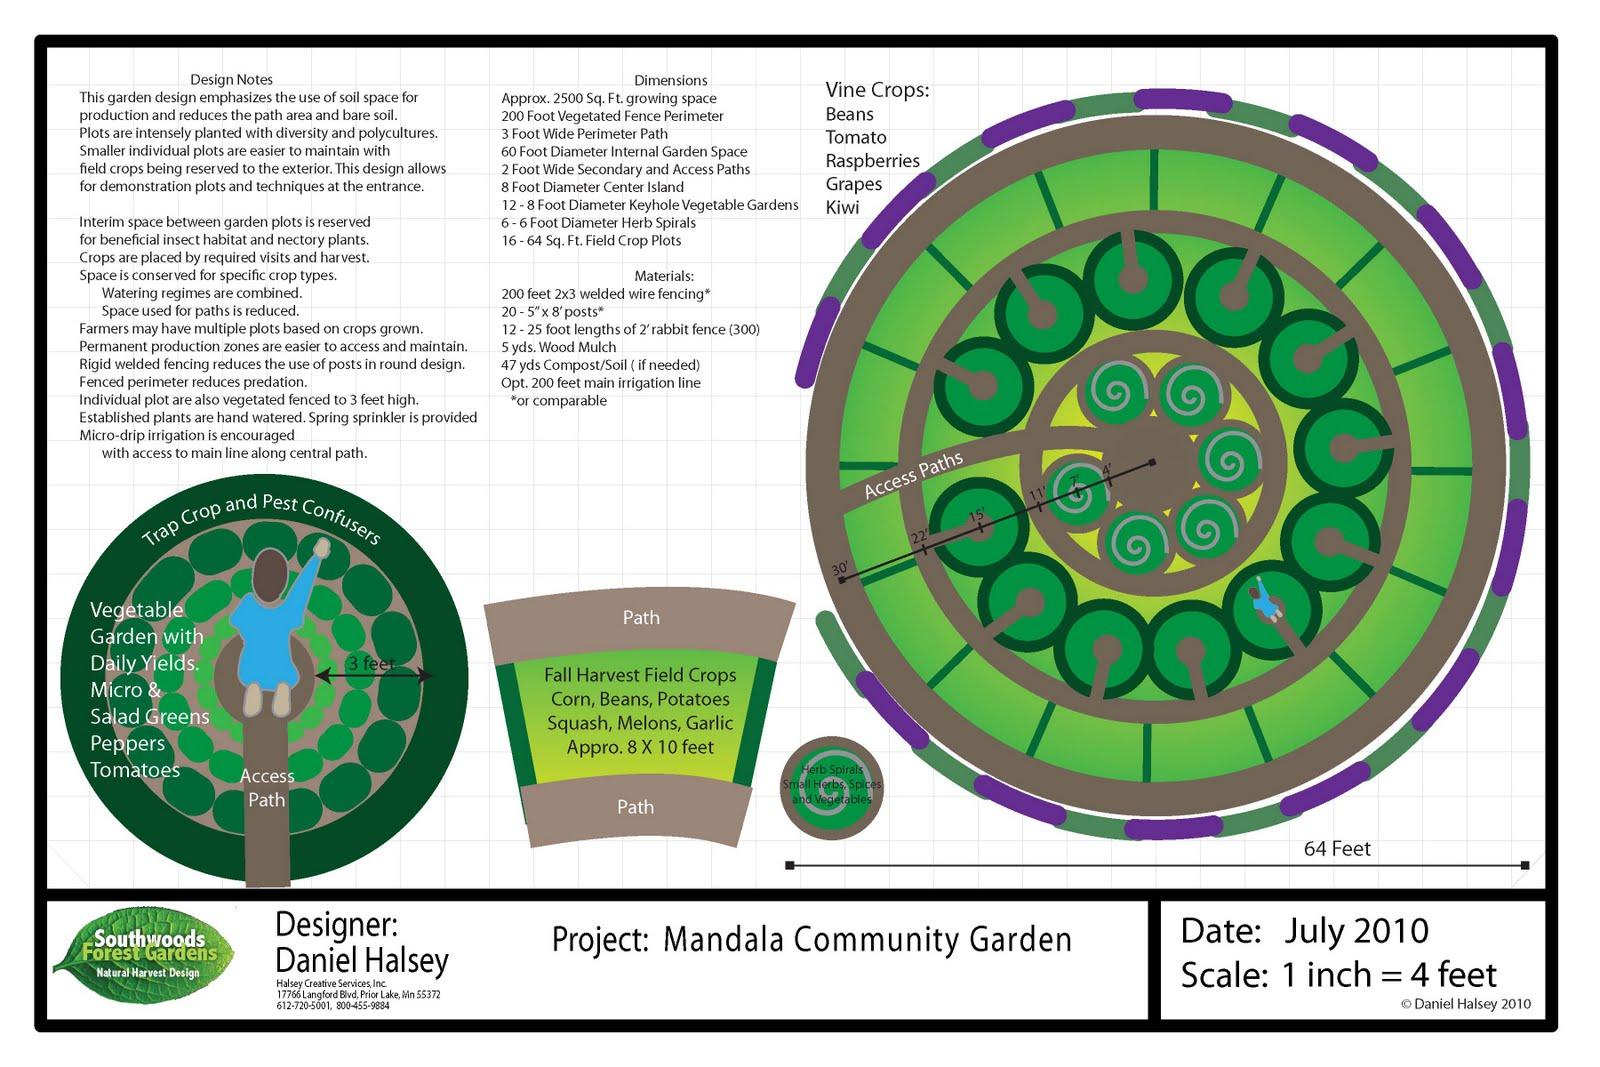 SOUTHWOODS FOREST GARDENS Mandala Community Garden